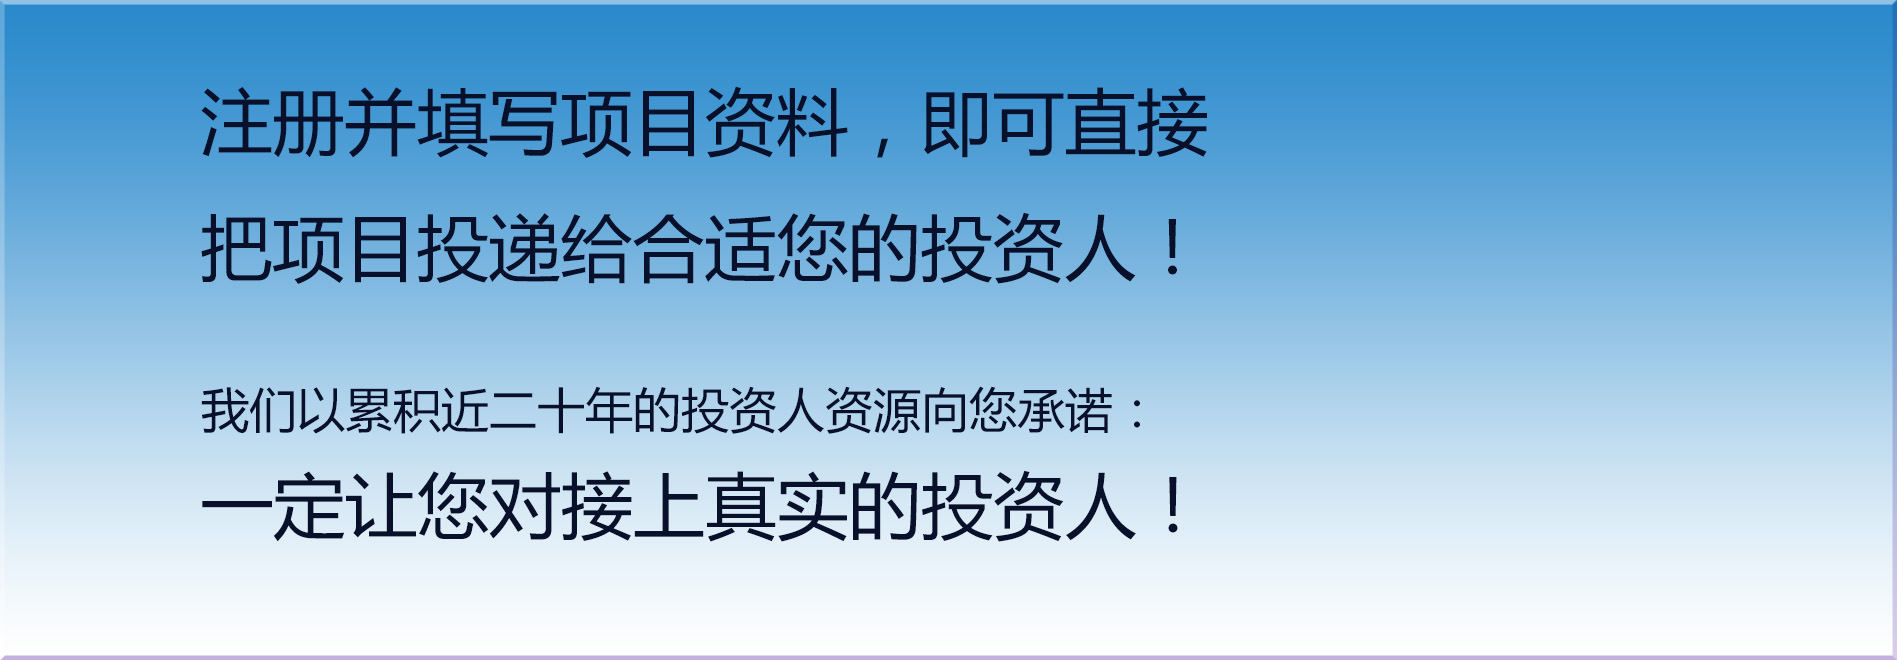 中国风险投资网